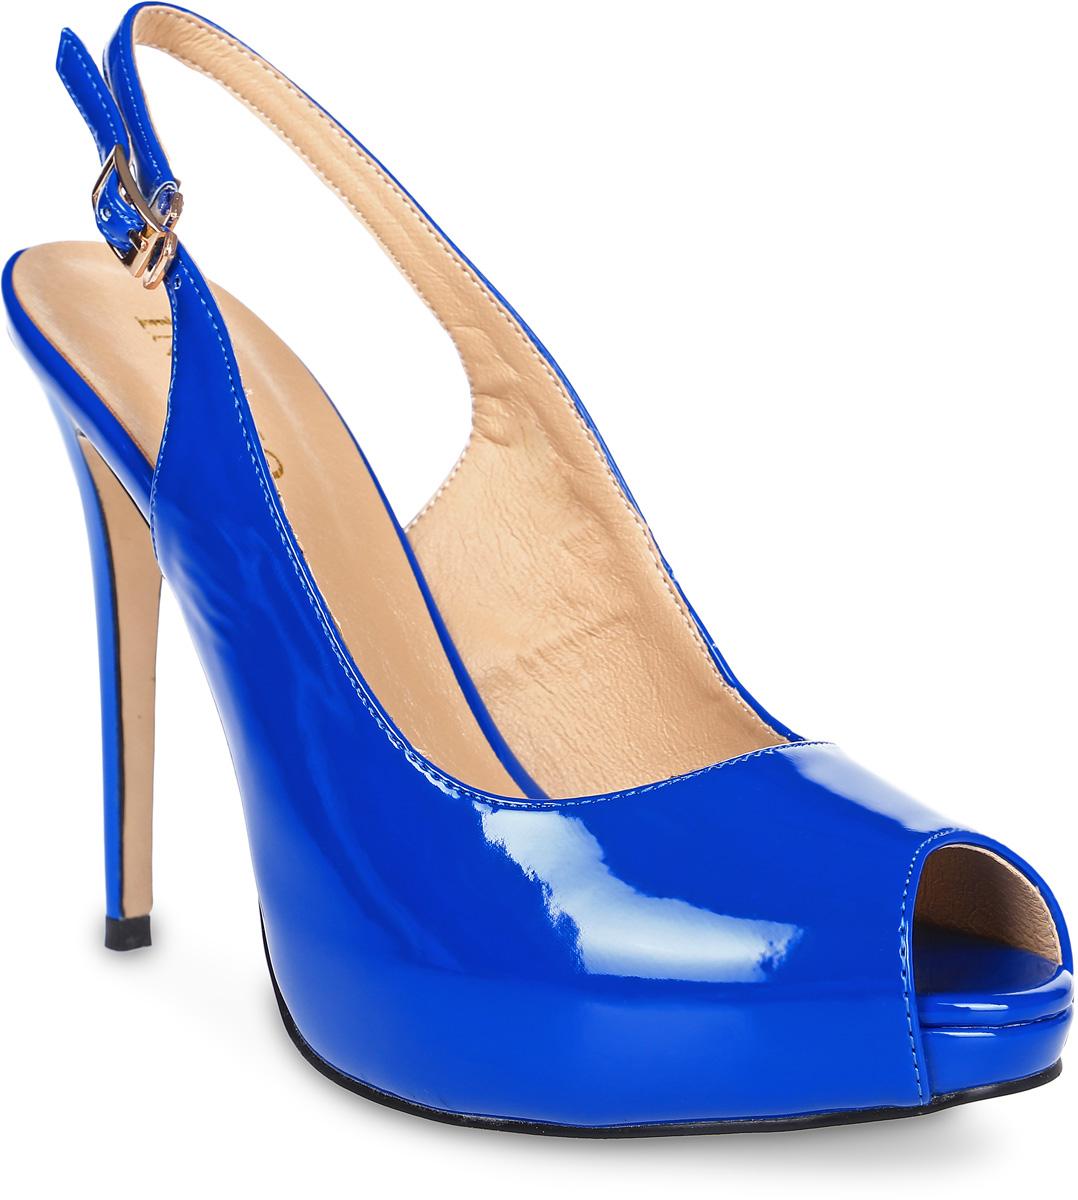 Туфли женские Inario, цвет: синий. 17164-01-8. Размер 3617164-01-8Элегантные туфли Inario с открытой пяткой и мыском выполнены из искусственной лаковой кожи. Внутренняя поверхность и стелька из искусственной кожи обеспечат комфорт при движении. Ремешок с металлической пряжкой надежно зафиксирует модель на вашей щиколотке. Модель имеет высокий каблук-шпильку.